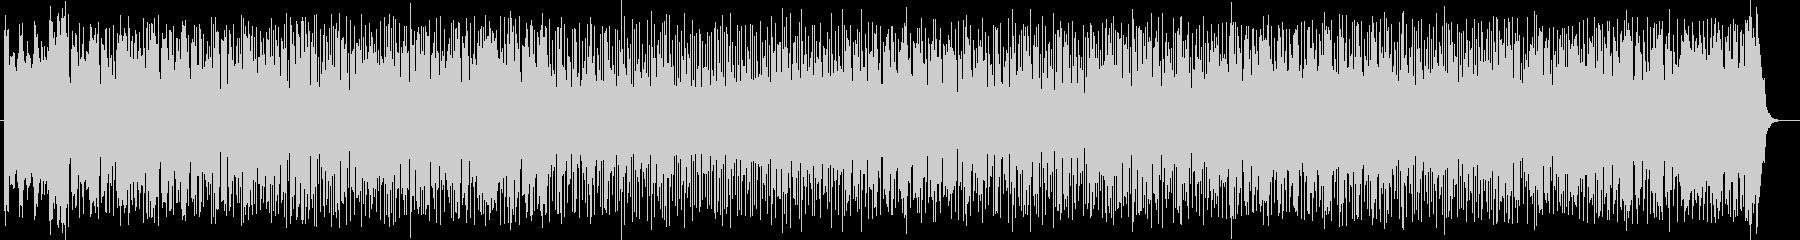 シンセが奏でる可愛らしいサンバの曲の未再生の波形